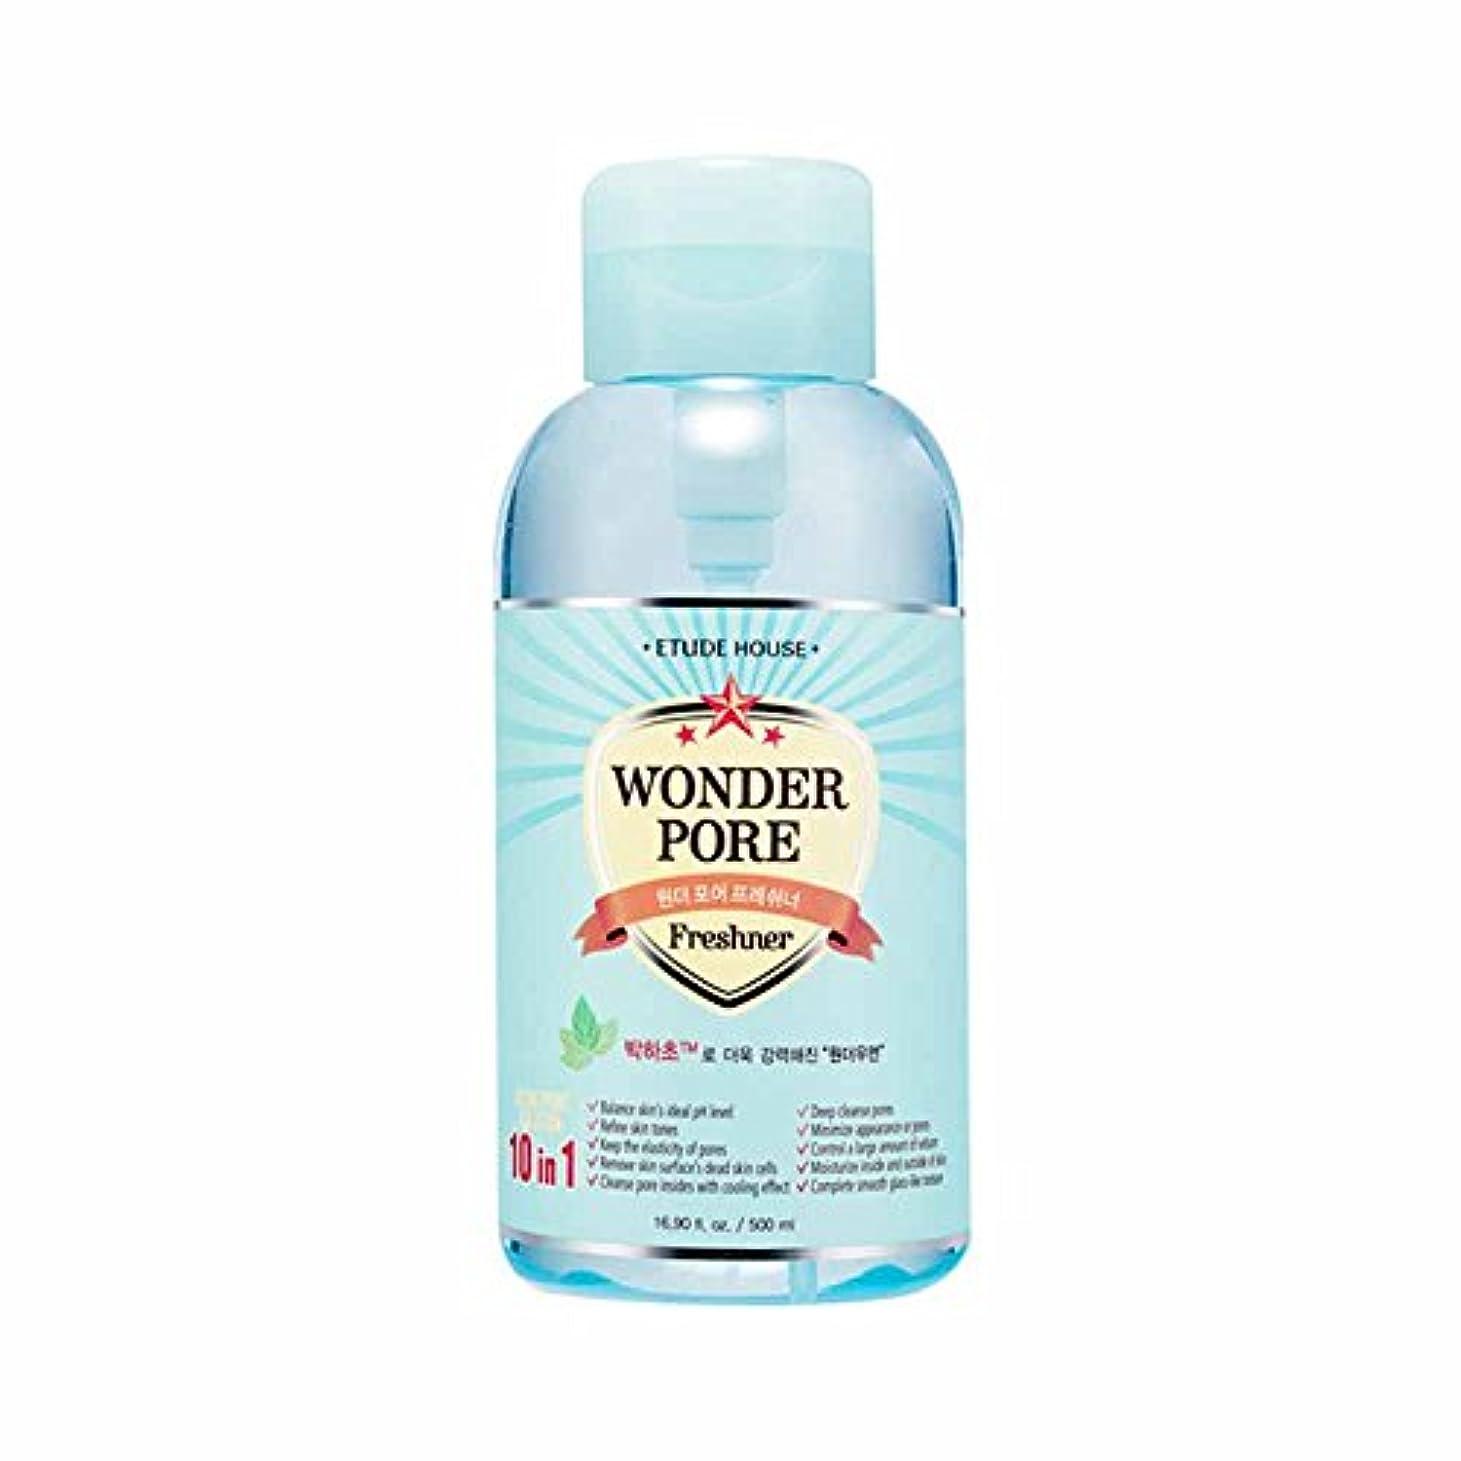 ブロンズお世話になったバラバラにする(6 Pack) ETUDE HOUSE Wonder Pore Freshner 10 in 1,500 mL (並行輸入品)